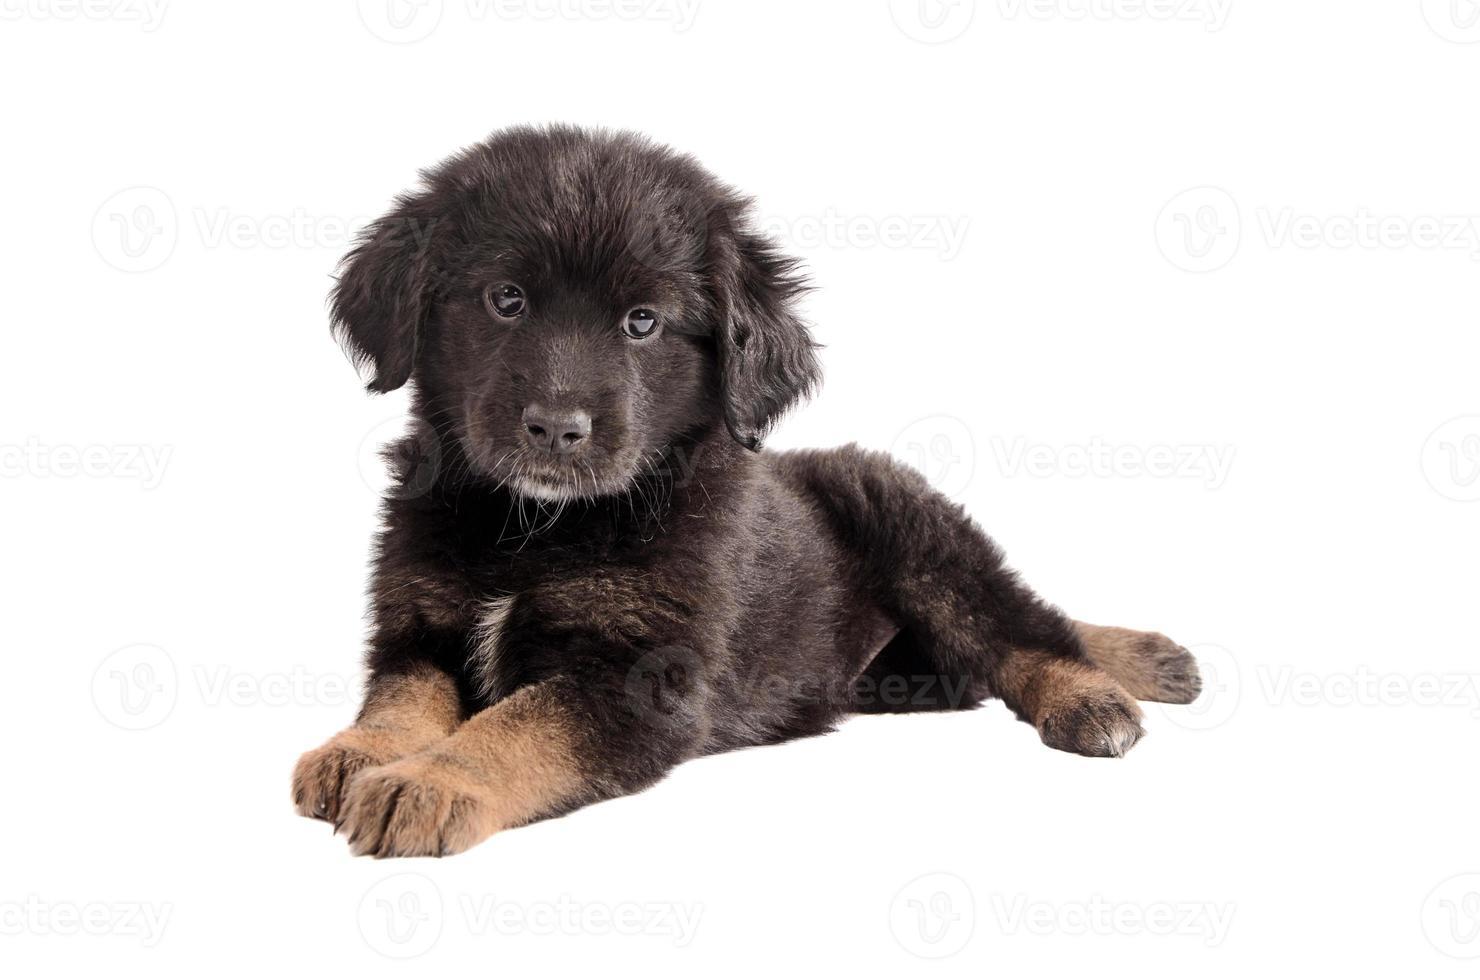 adorable cachorro esponjoso negro y marrón sobre blanco foto